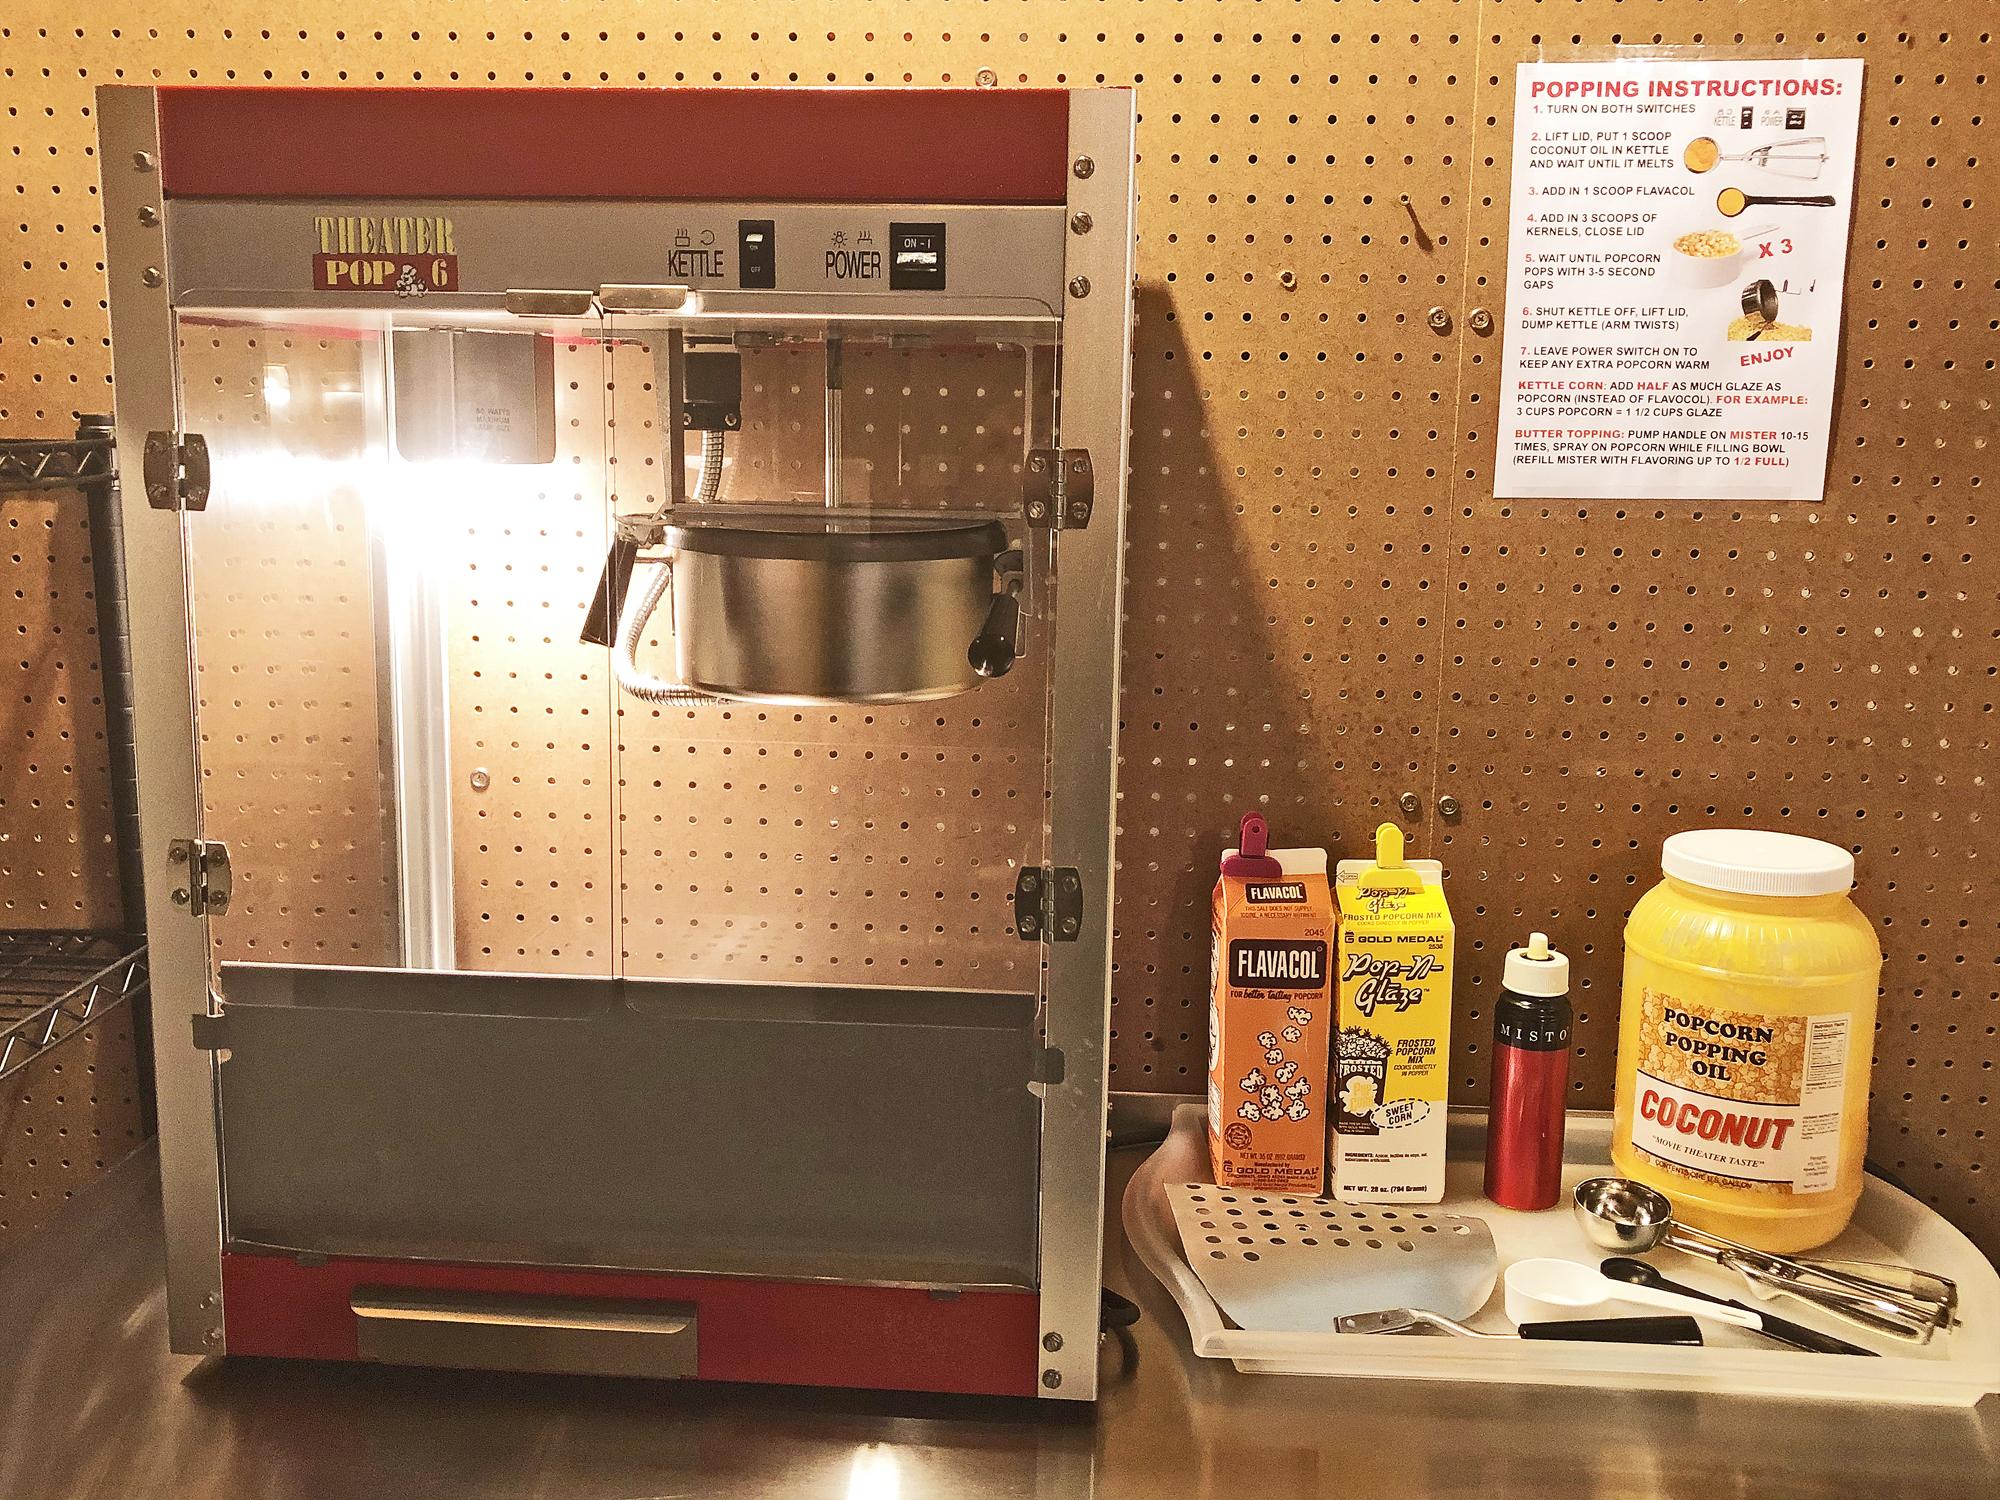 Popcorn Machine Setup